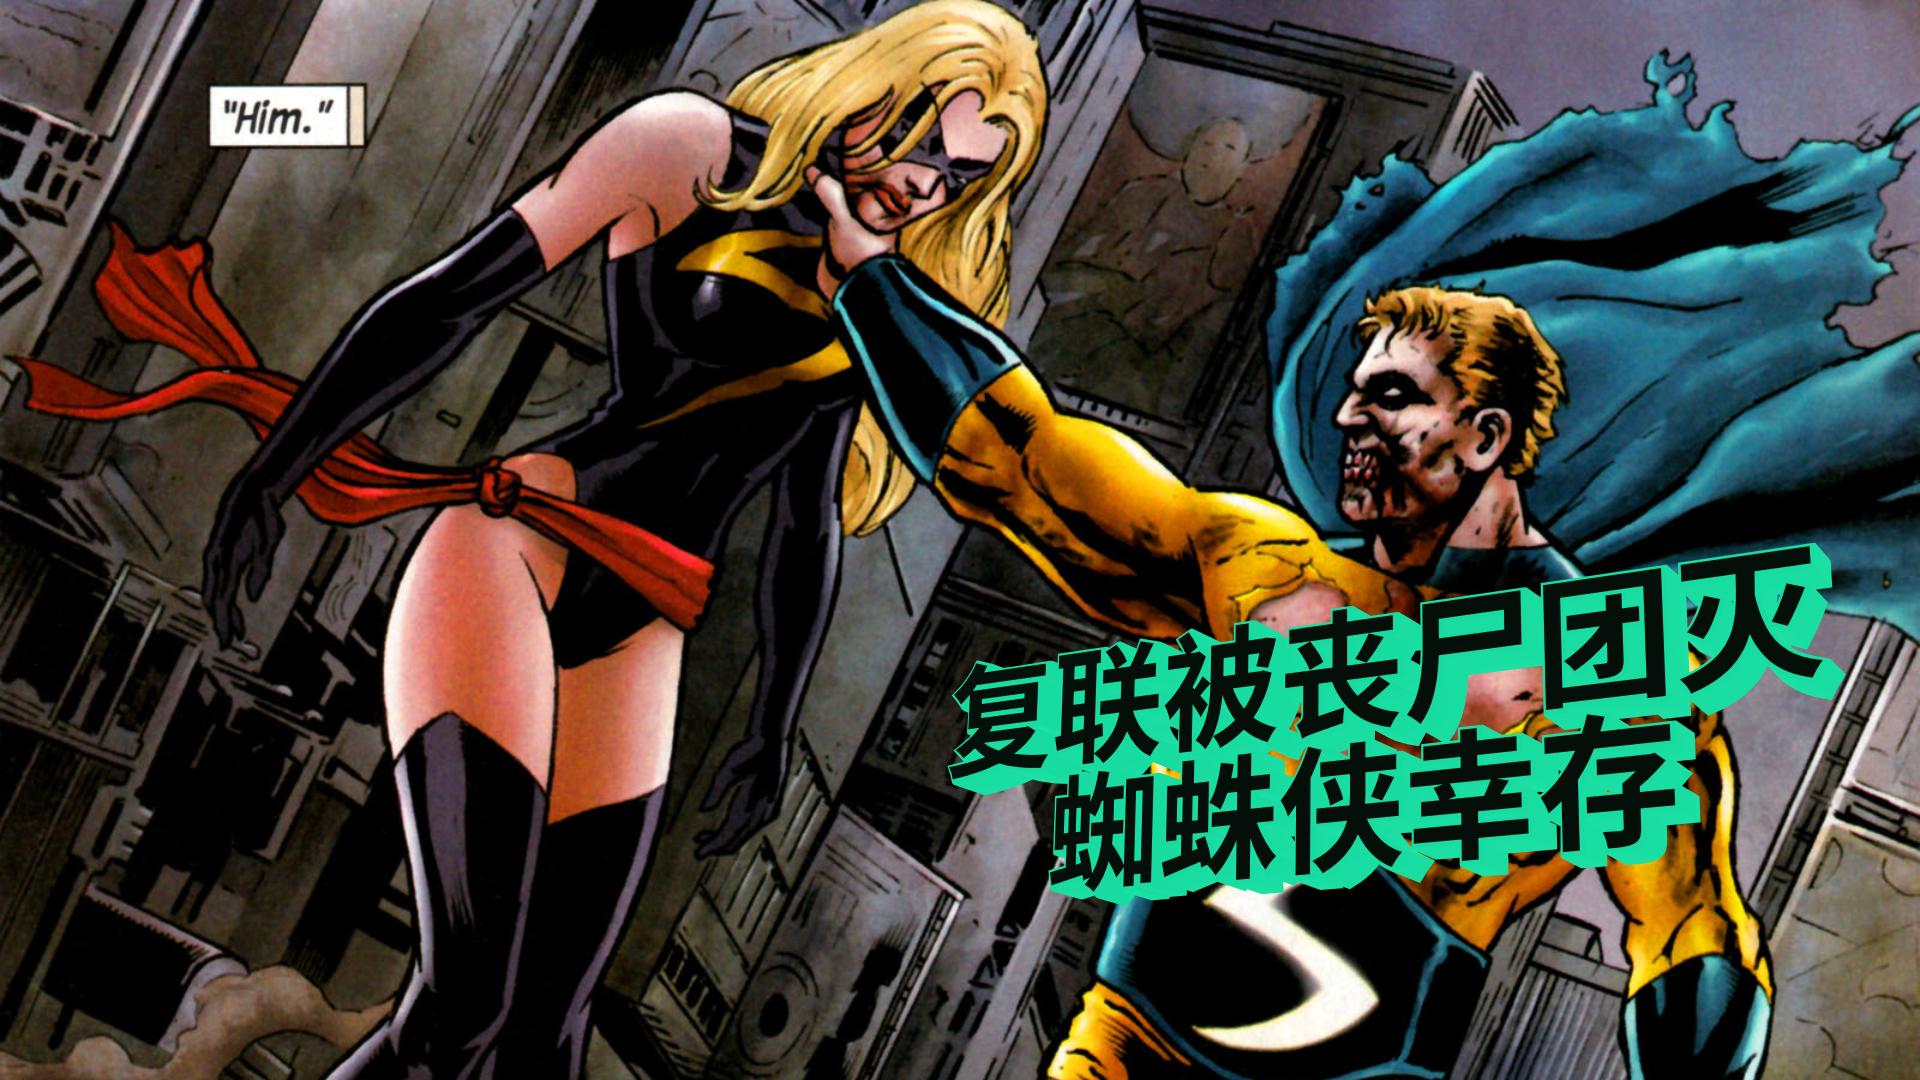 【丧尸英雄大战黑暗军团】第二期 复仇者联盟被团灭,蜘蛛侠逃命